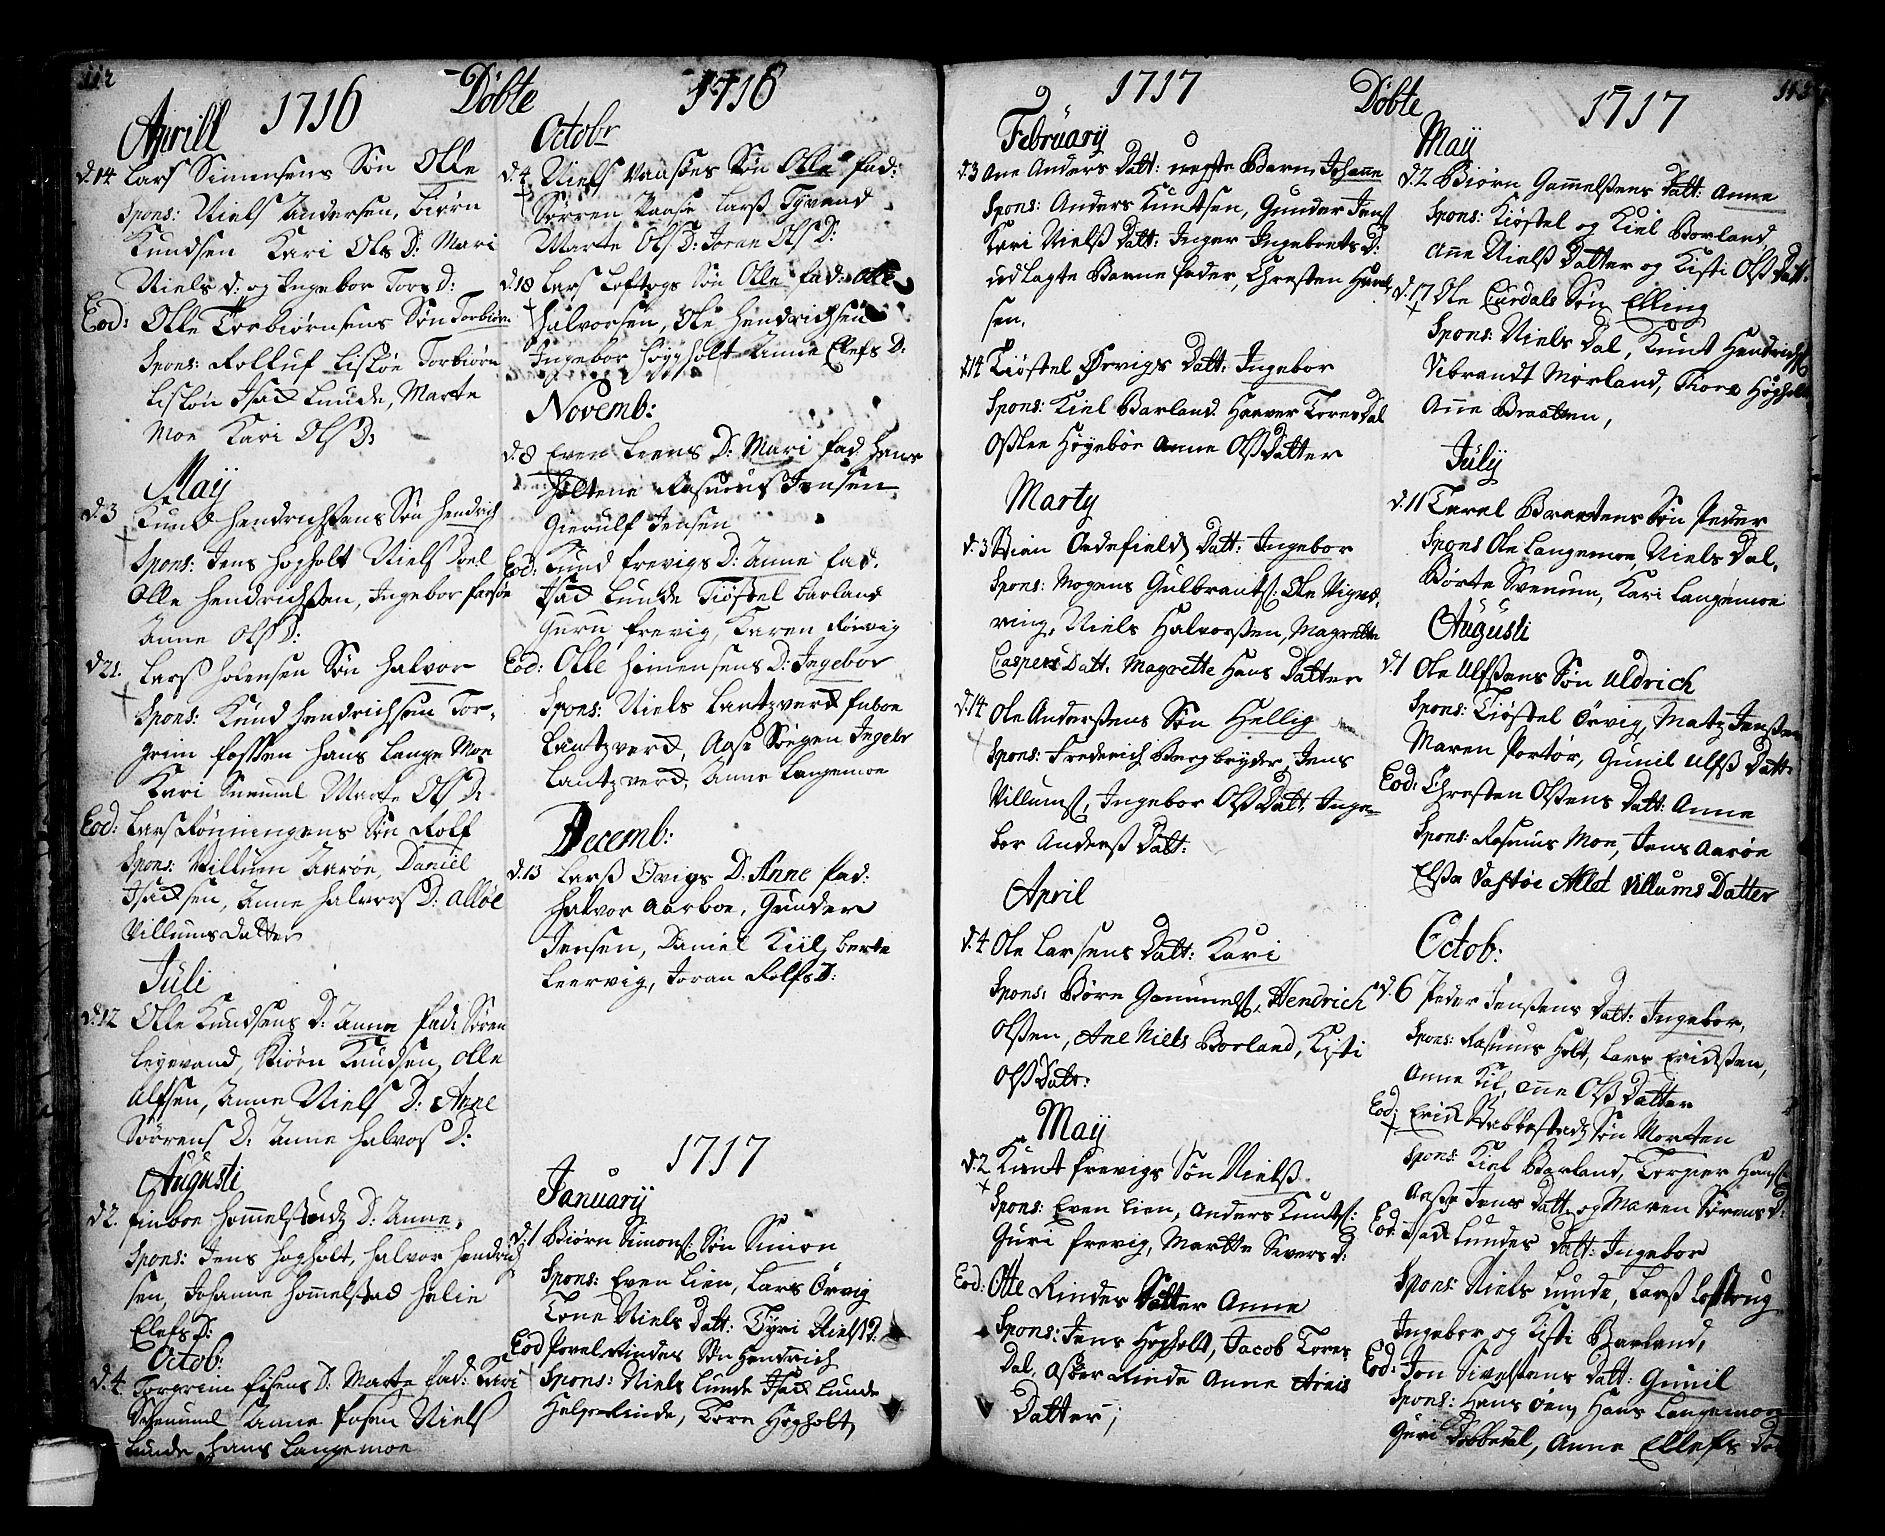 SAKO, Sannidal kirkebøker, F/Fa/L0001: Ministerialbok nr. 1, 1702-1766, s. 112-113